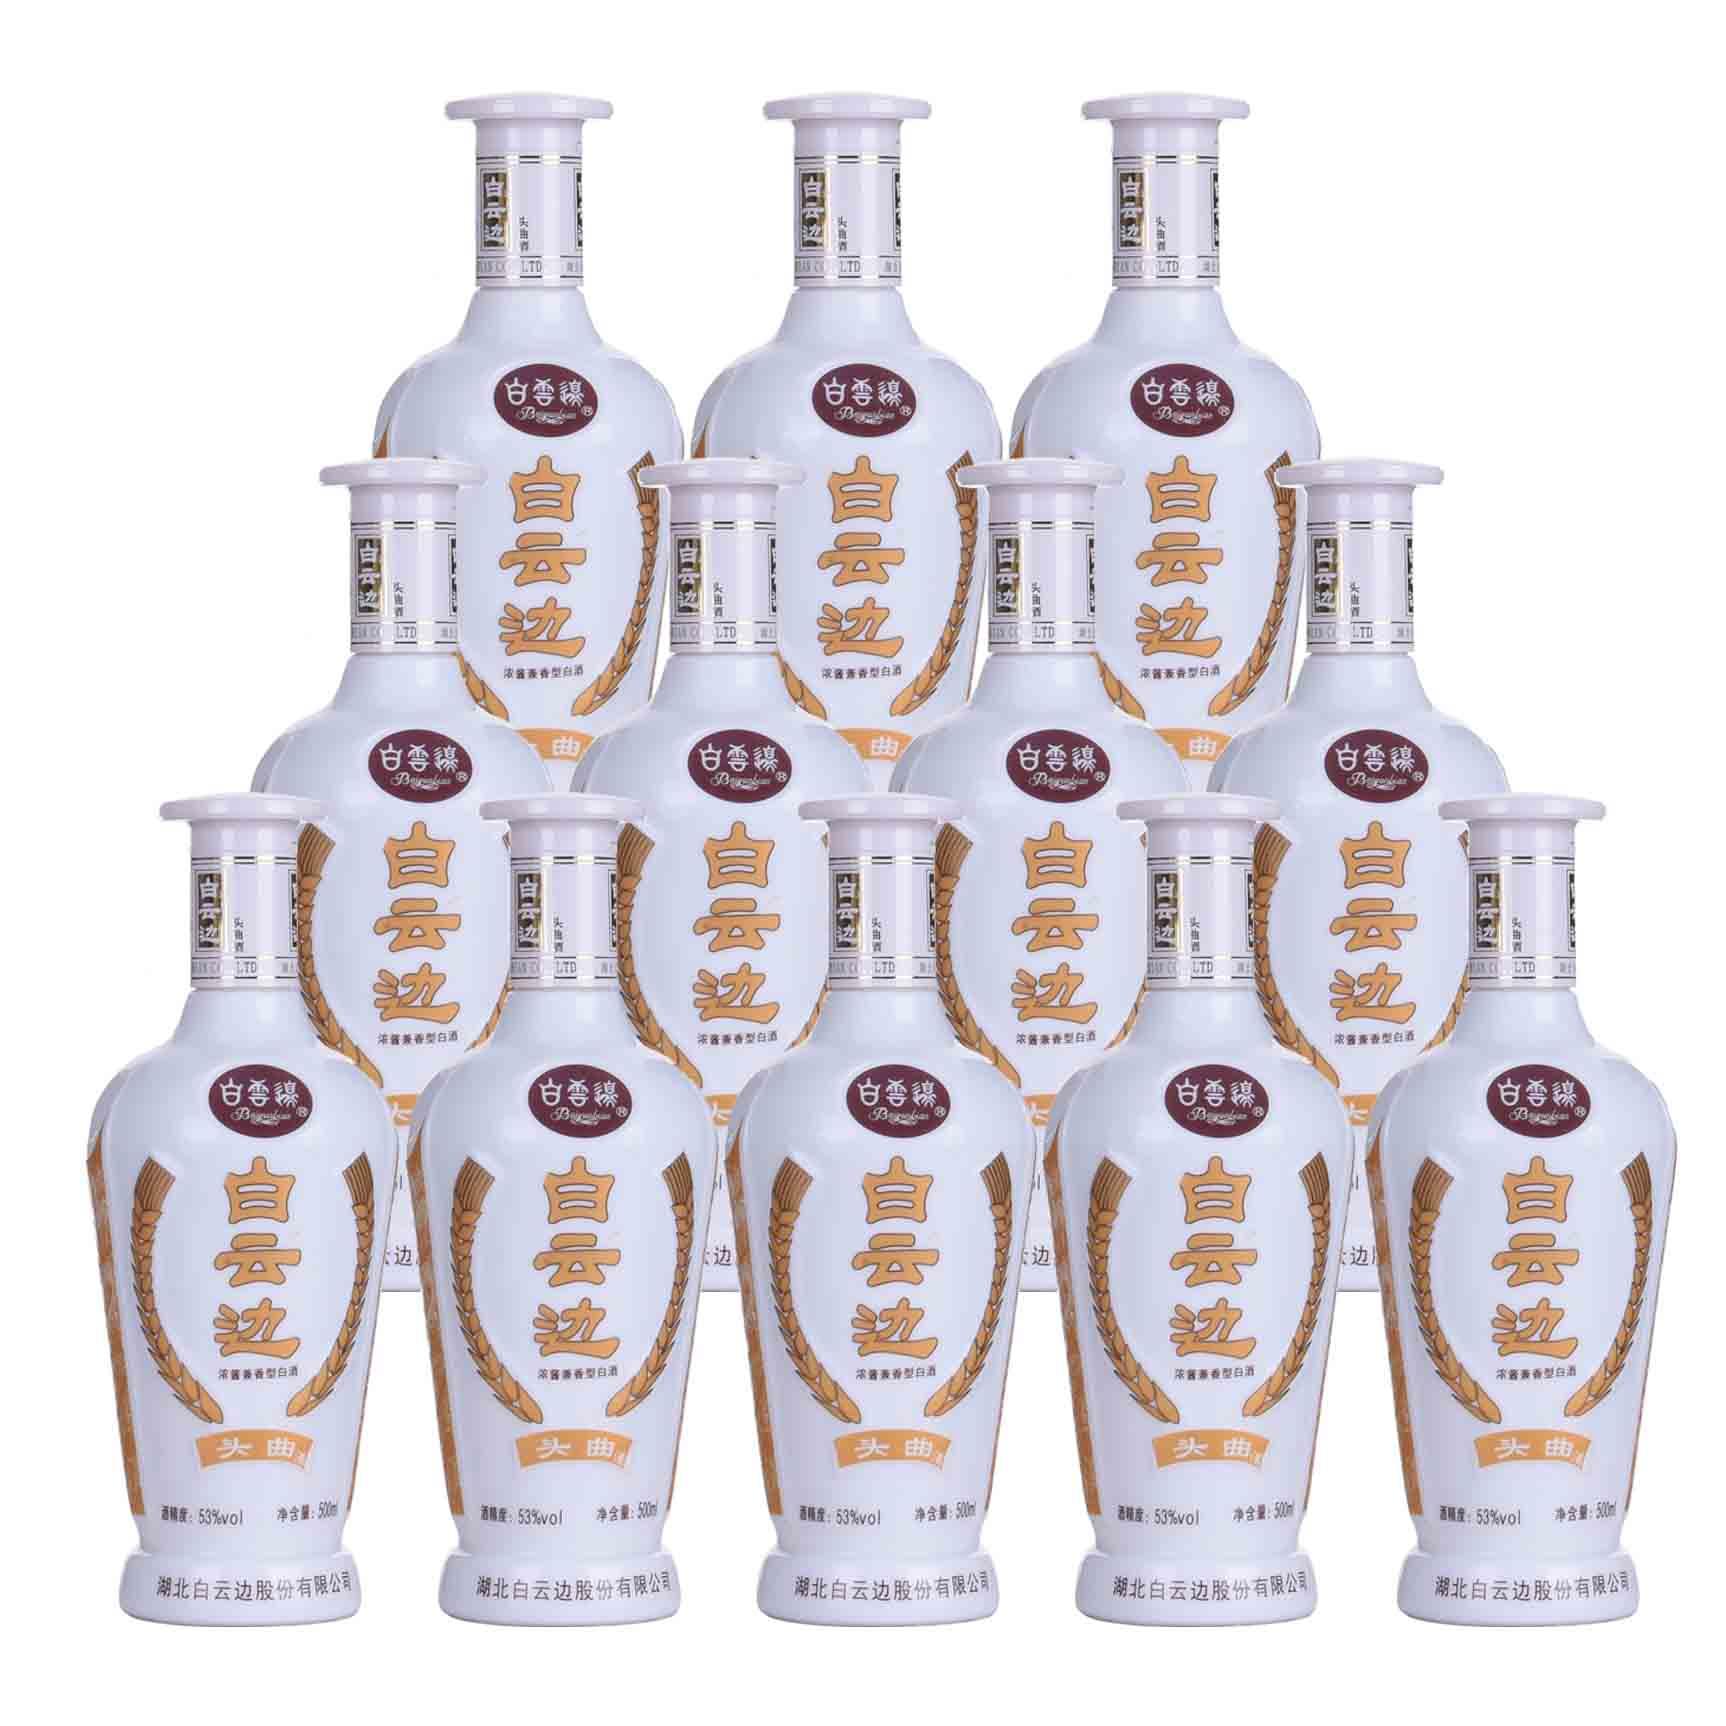 53°白云边头曲500ml(2012年)2箱12瓶装